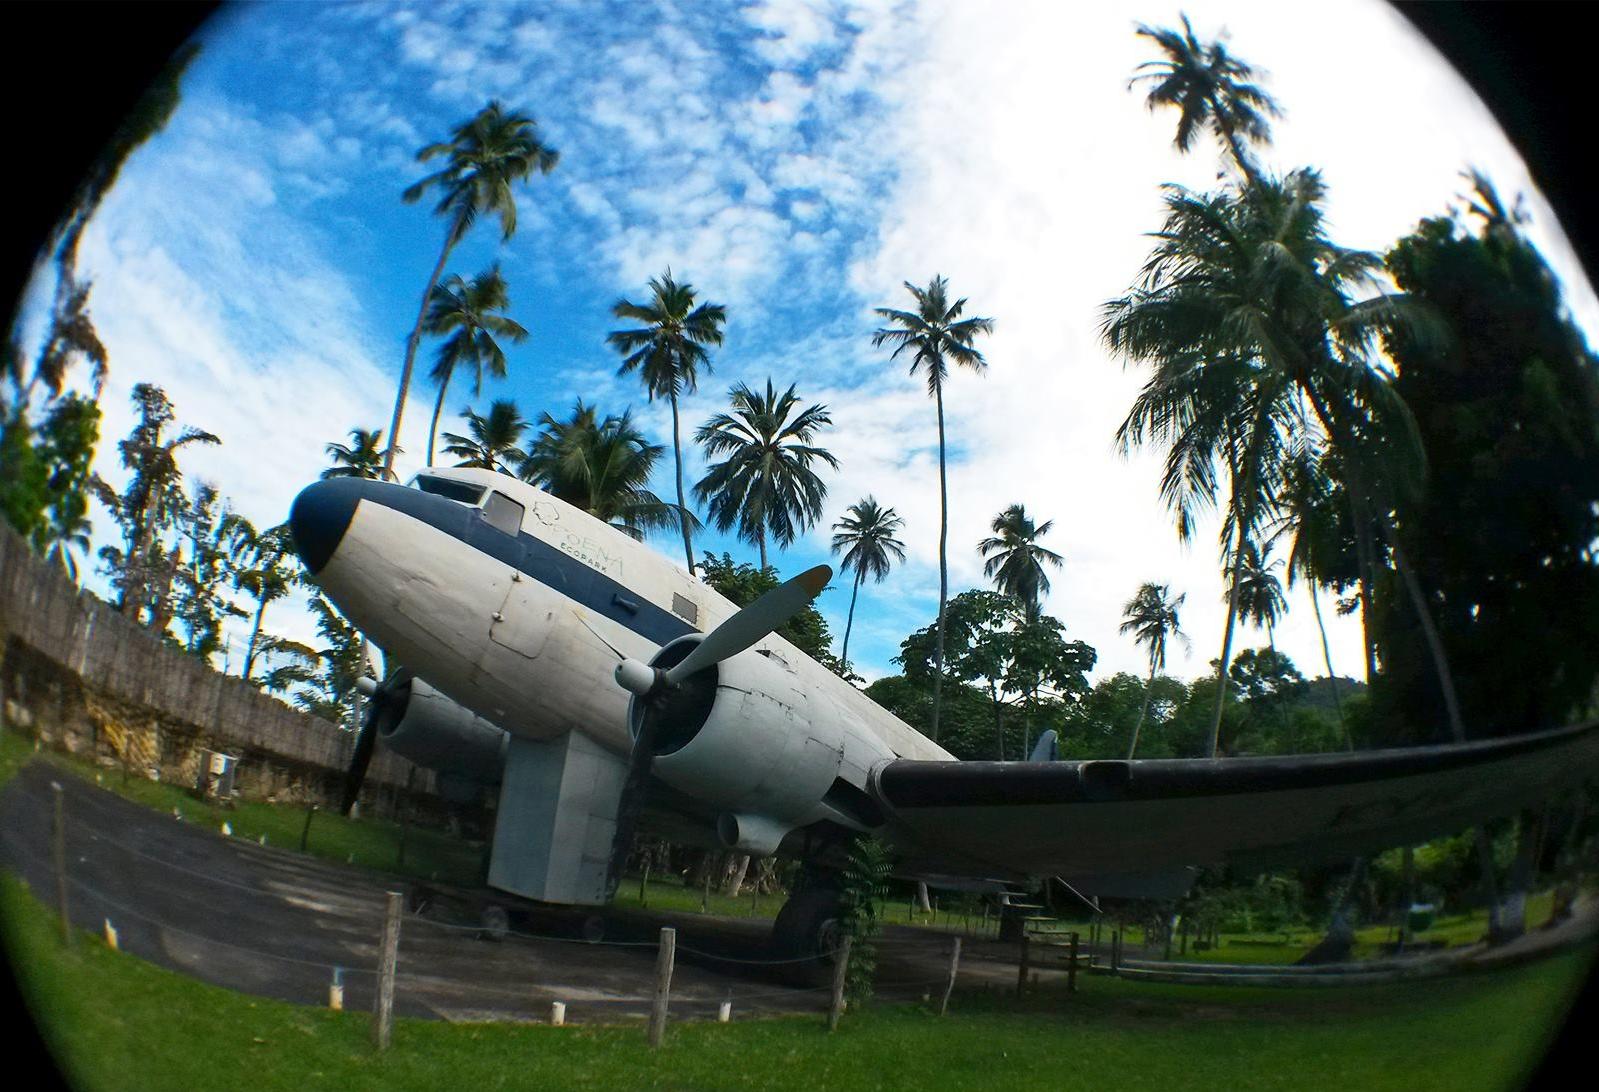 Avião é a grande atraçã odo parque. (FOTO: divulgação)